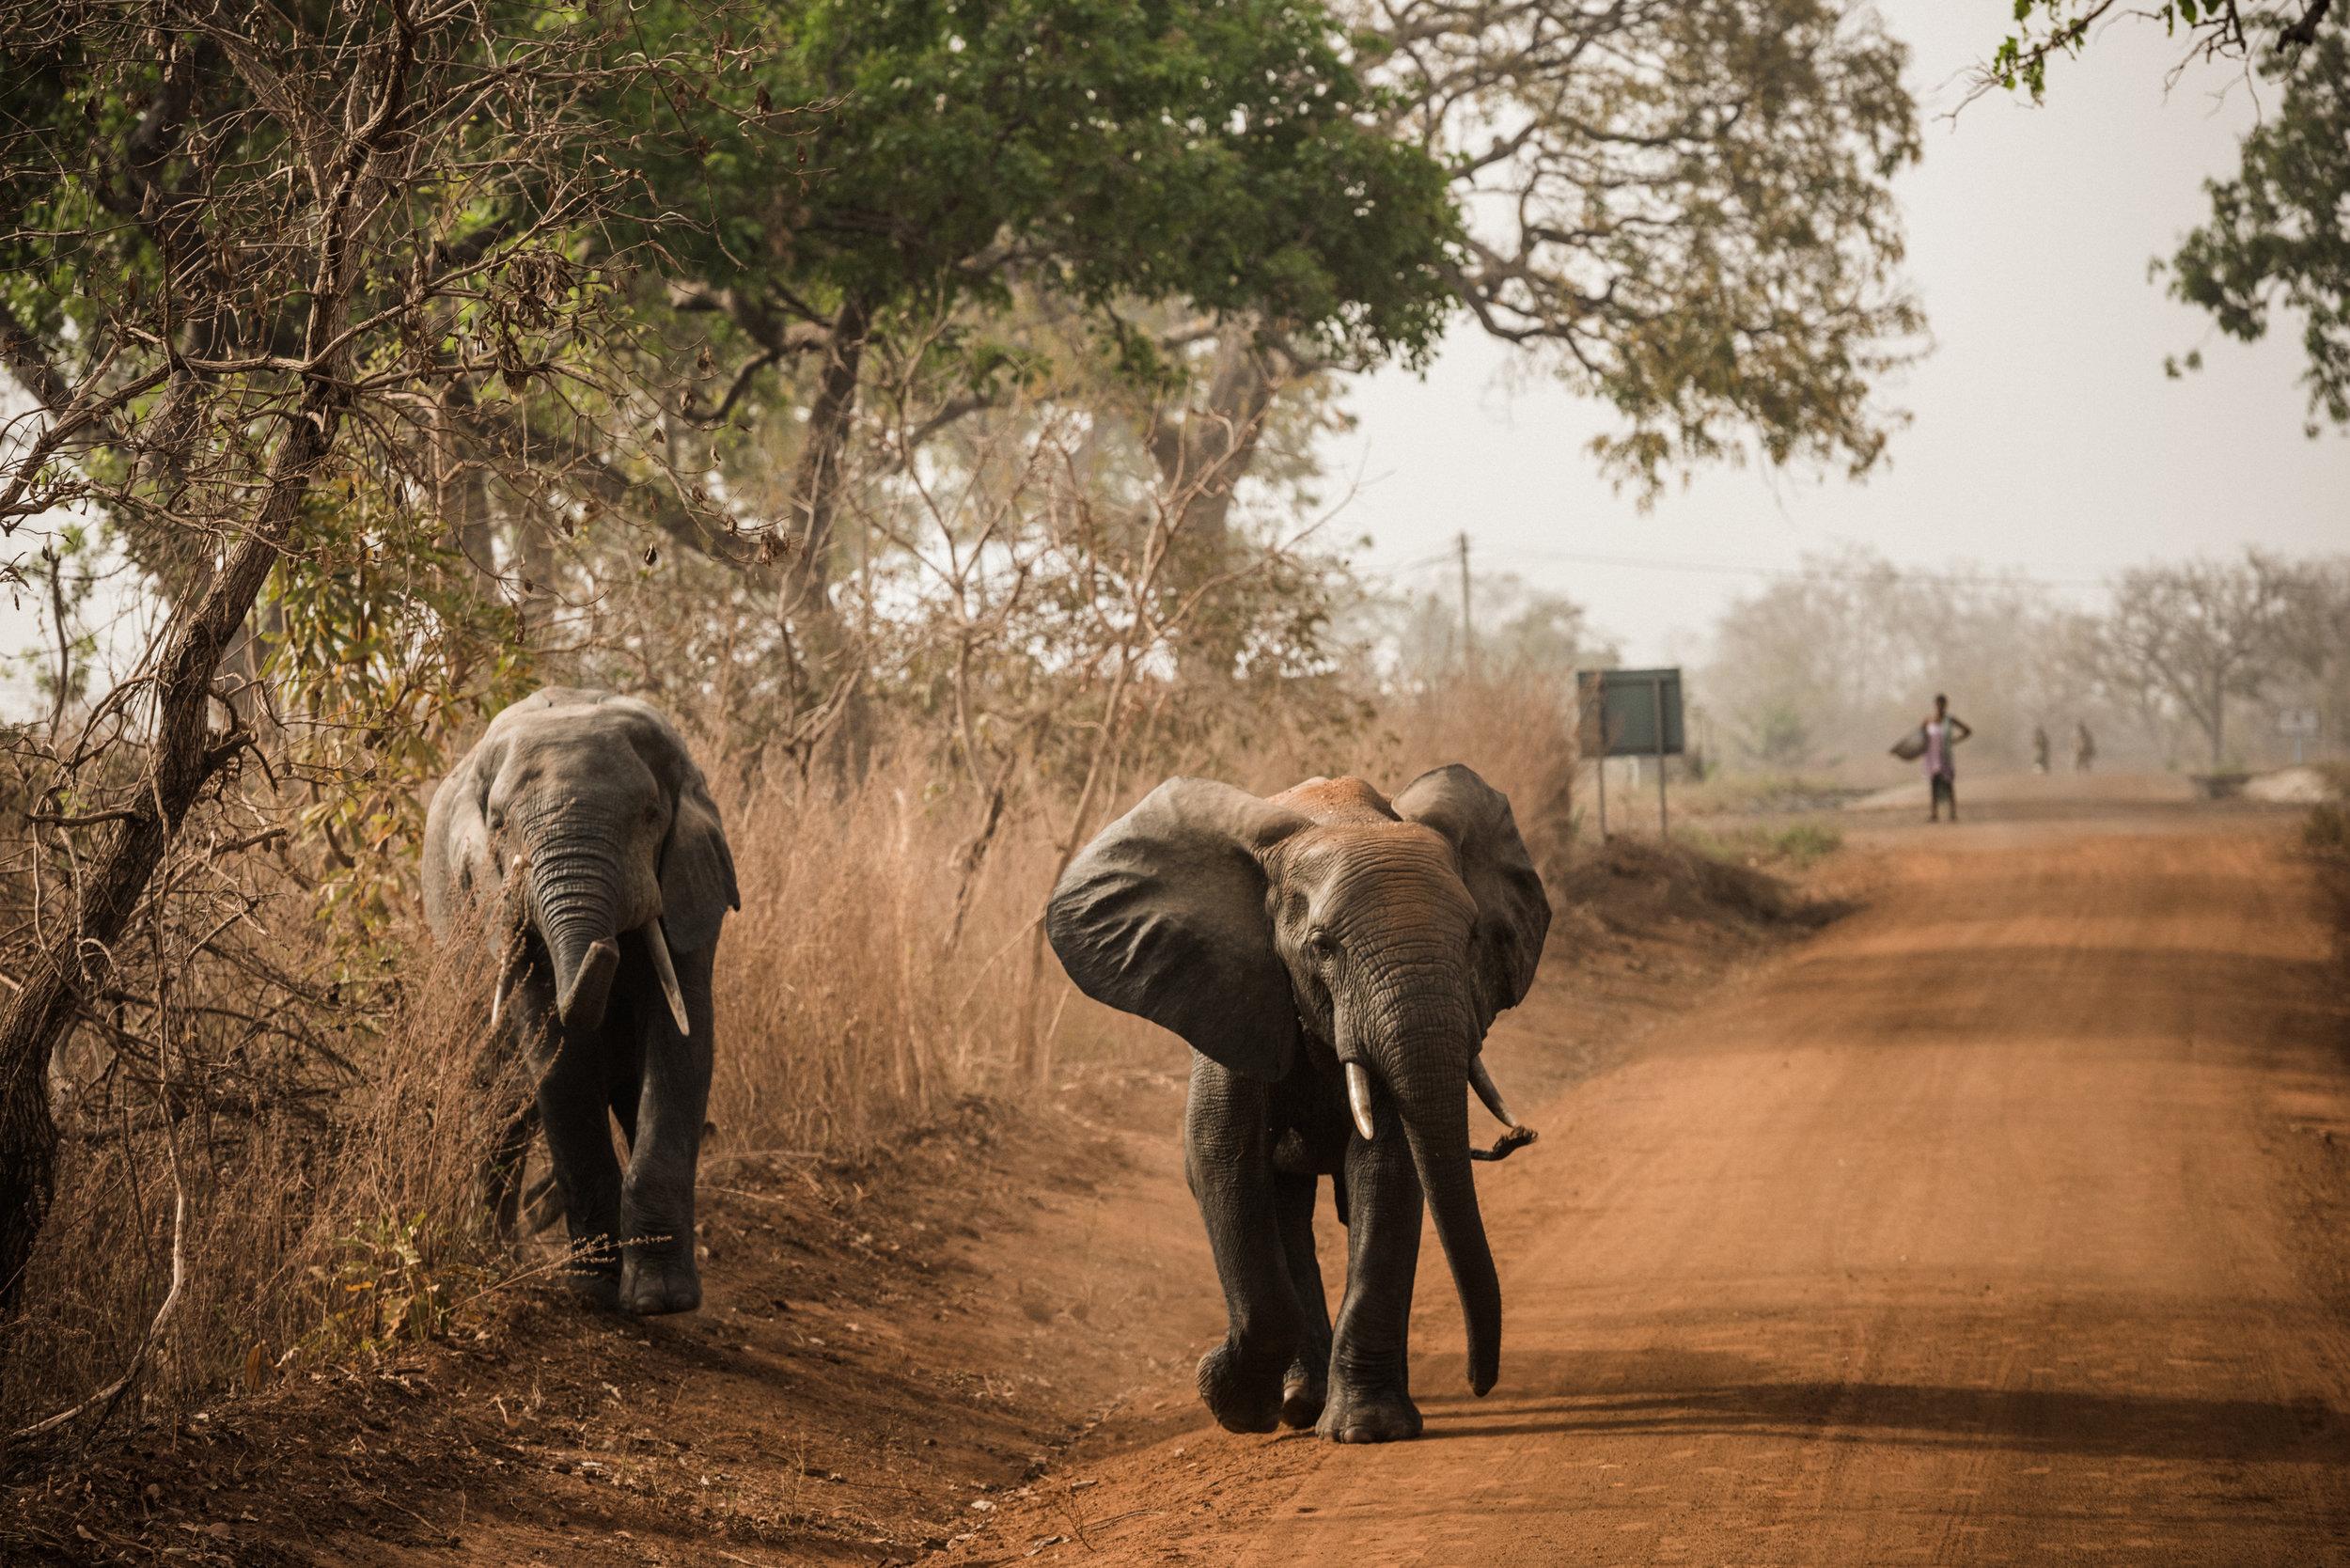 Ghana_African_Humanitarian_Photographer_TaraShupe_Safari_010.jpg